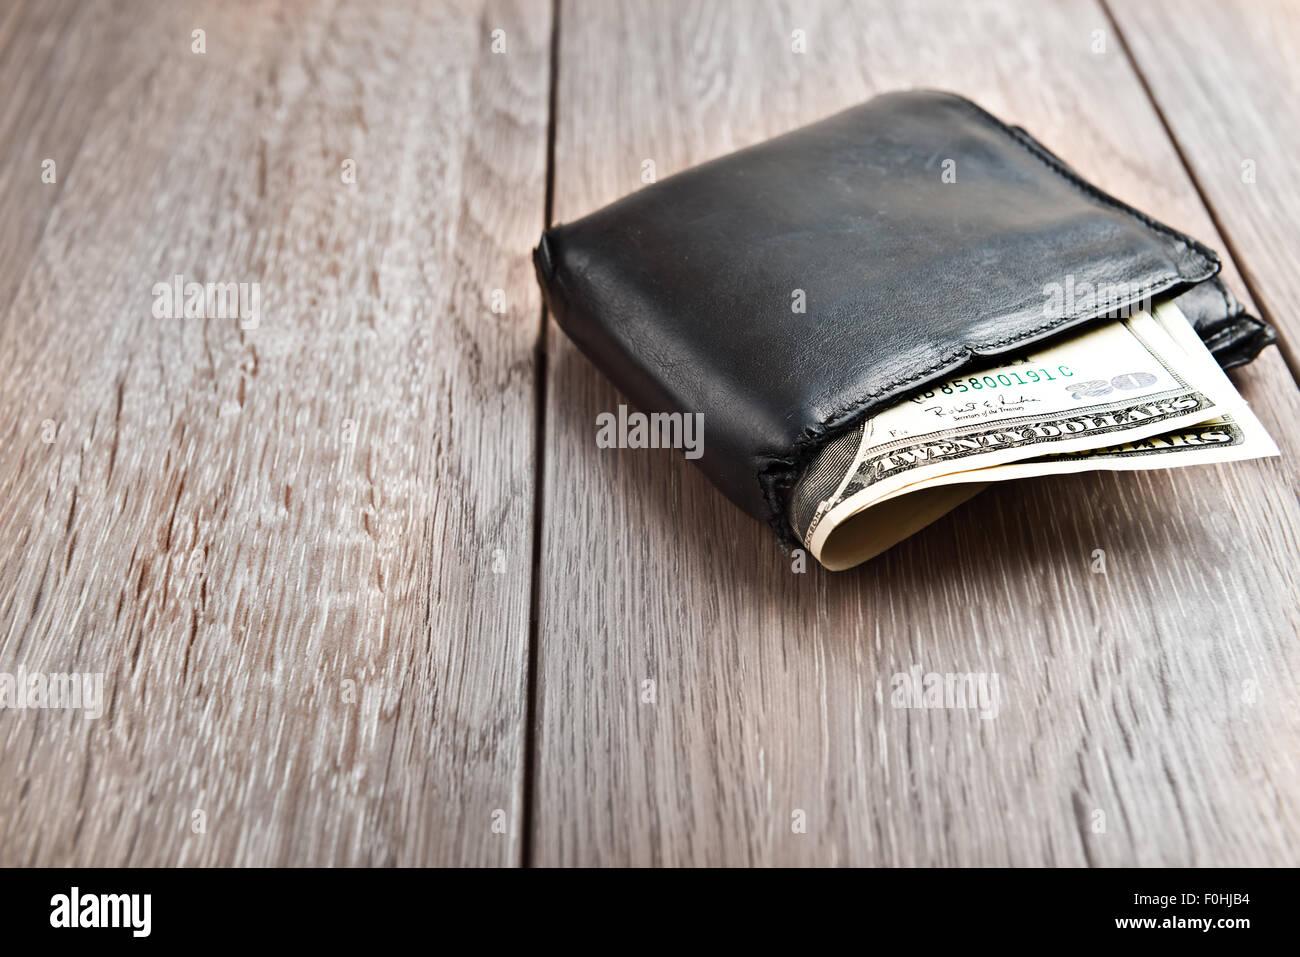 Brieftasche mit hundert-Dollar-Banknoten auf hölzernen Hintergrund Stockbild